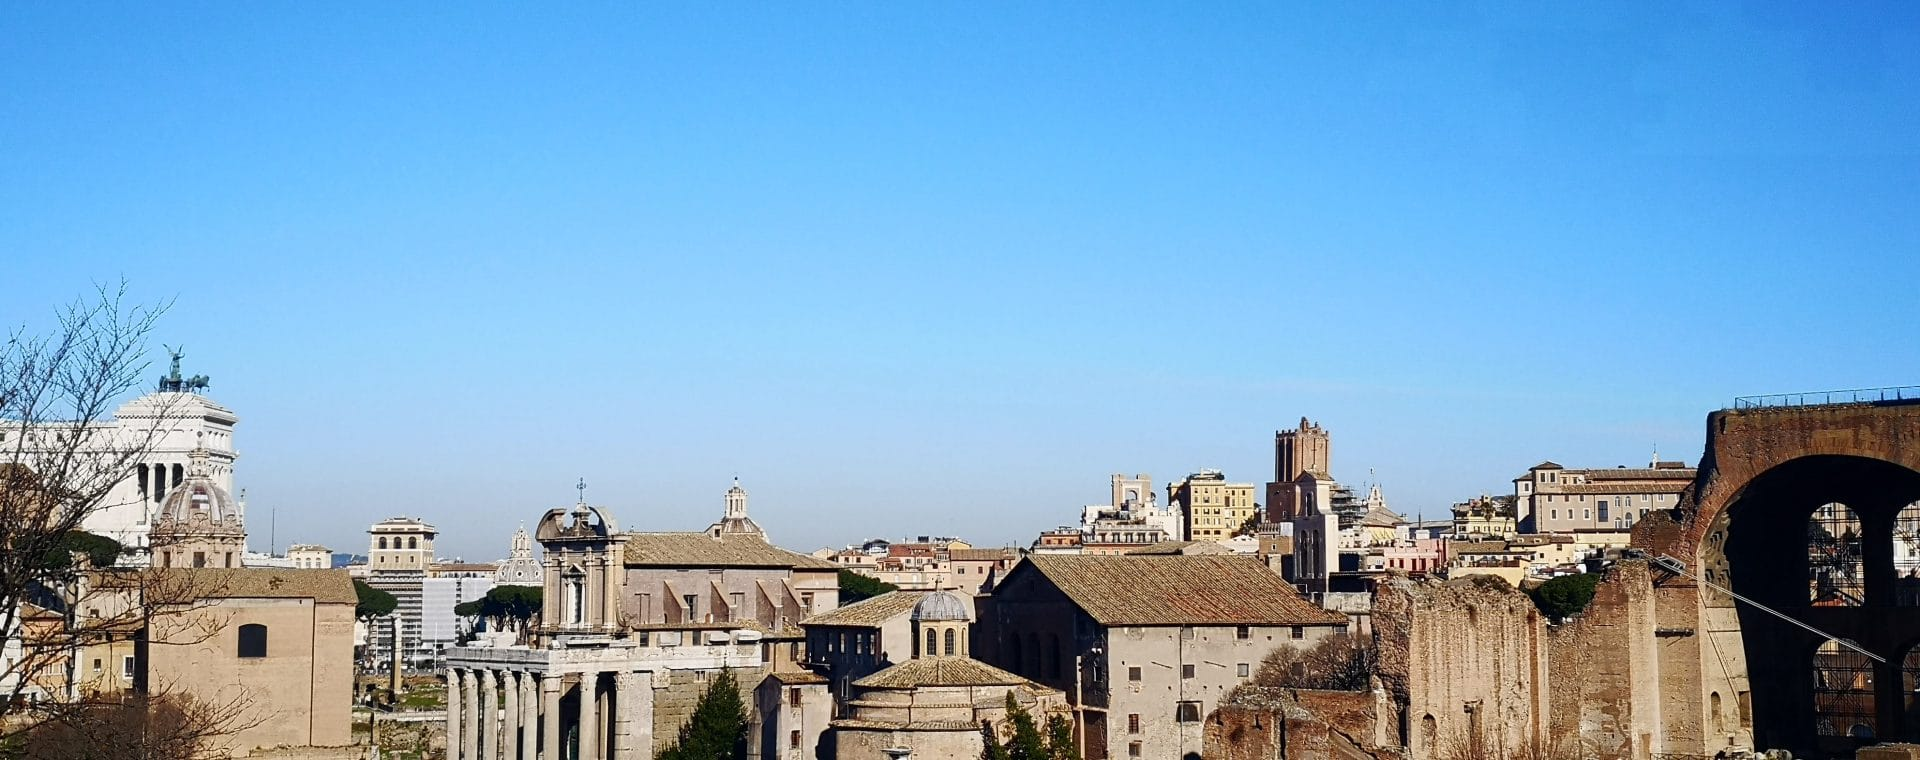 Activités à Rome